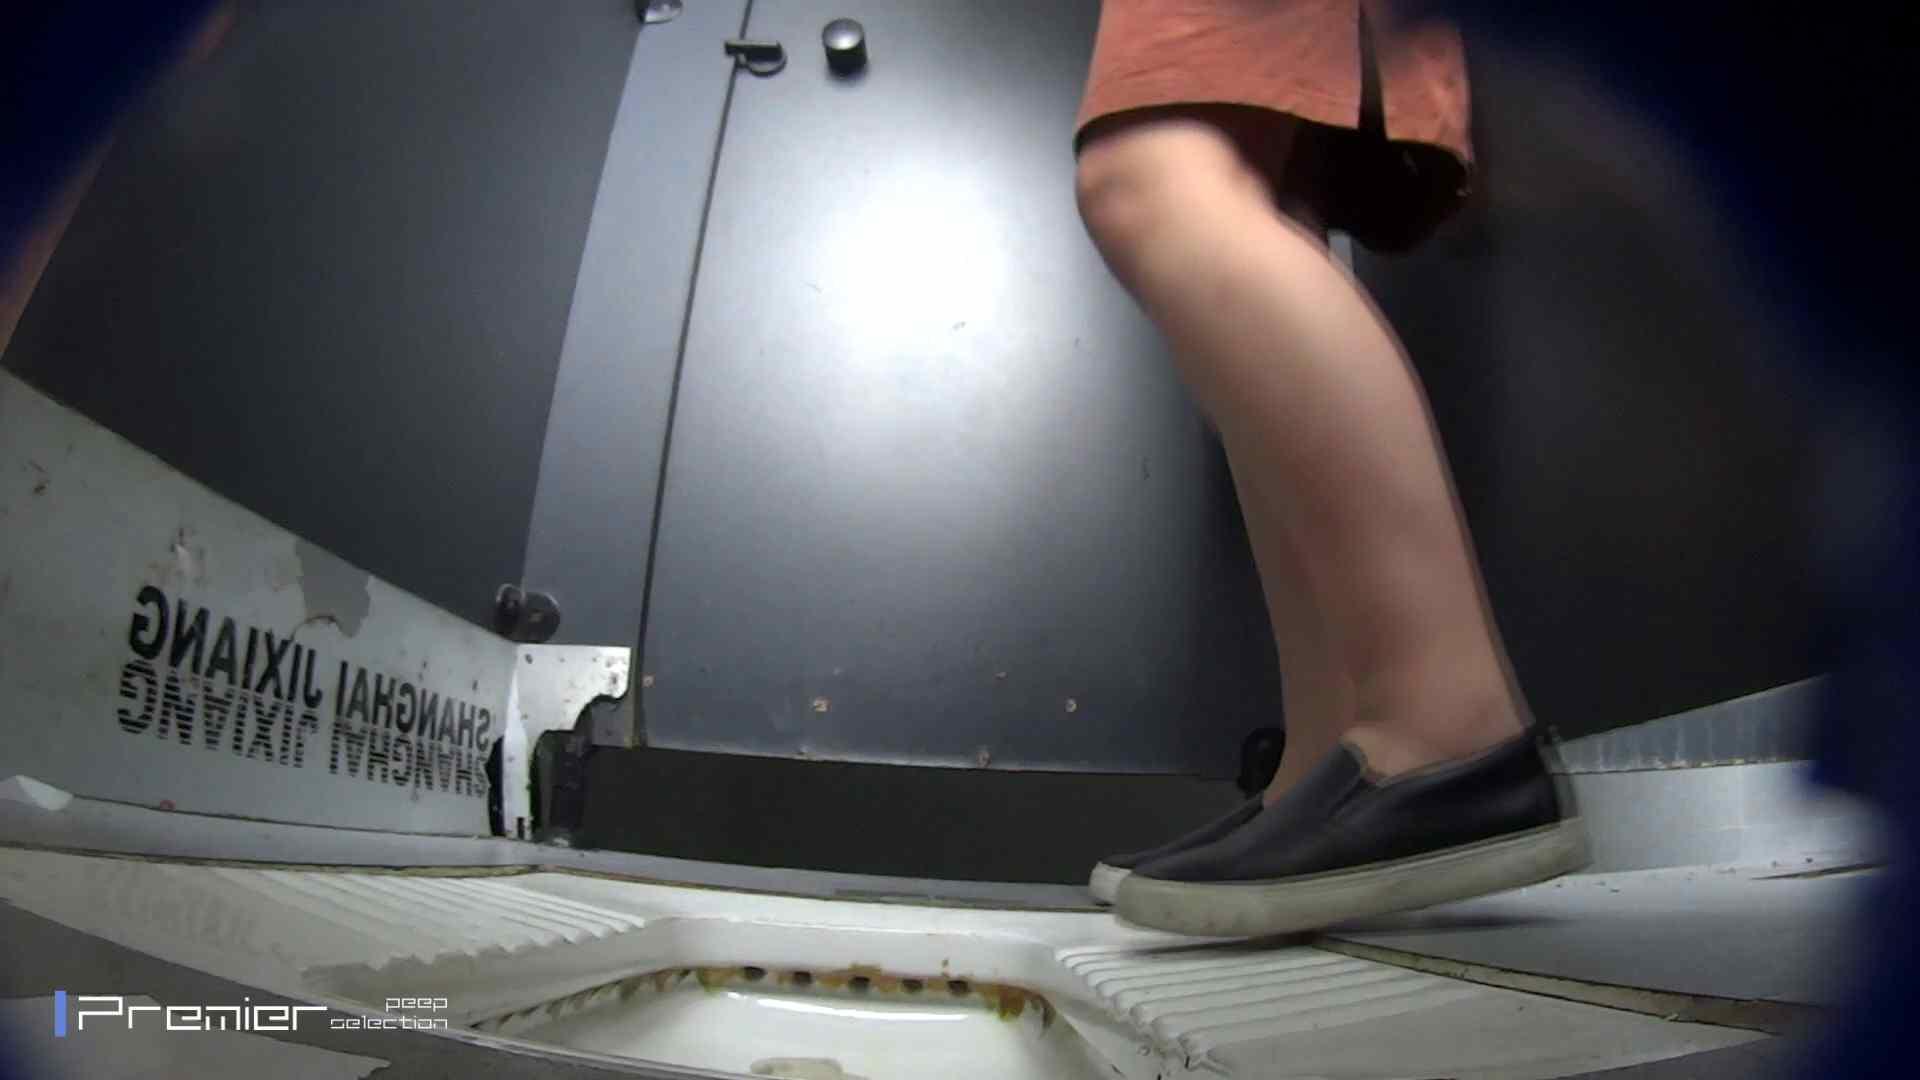 びゅーっと!オシッコ放出 大学休憩時間の洗面所事情47 ギャル攻め エロ画像 104画像 24